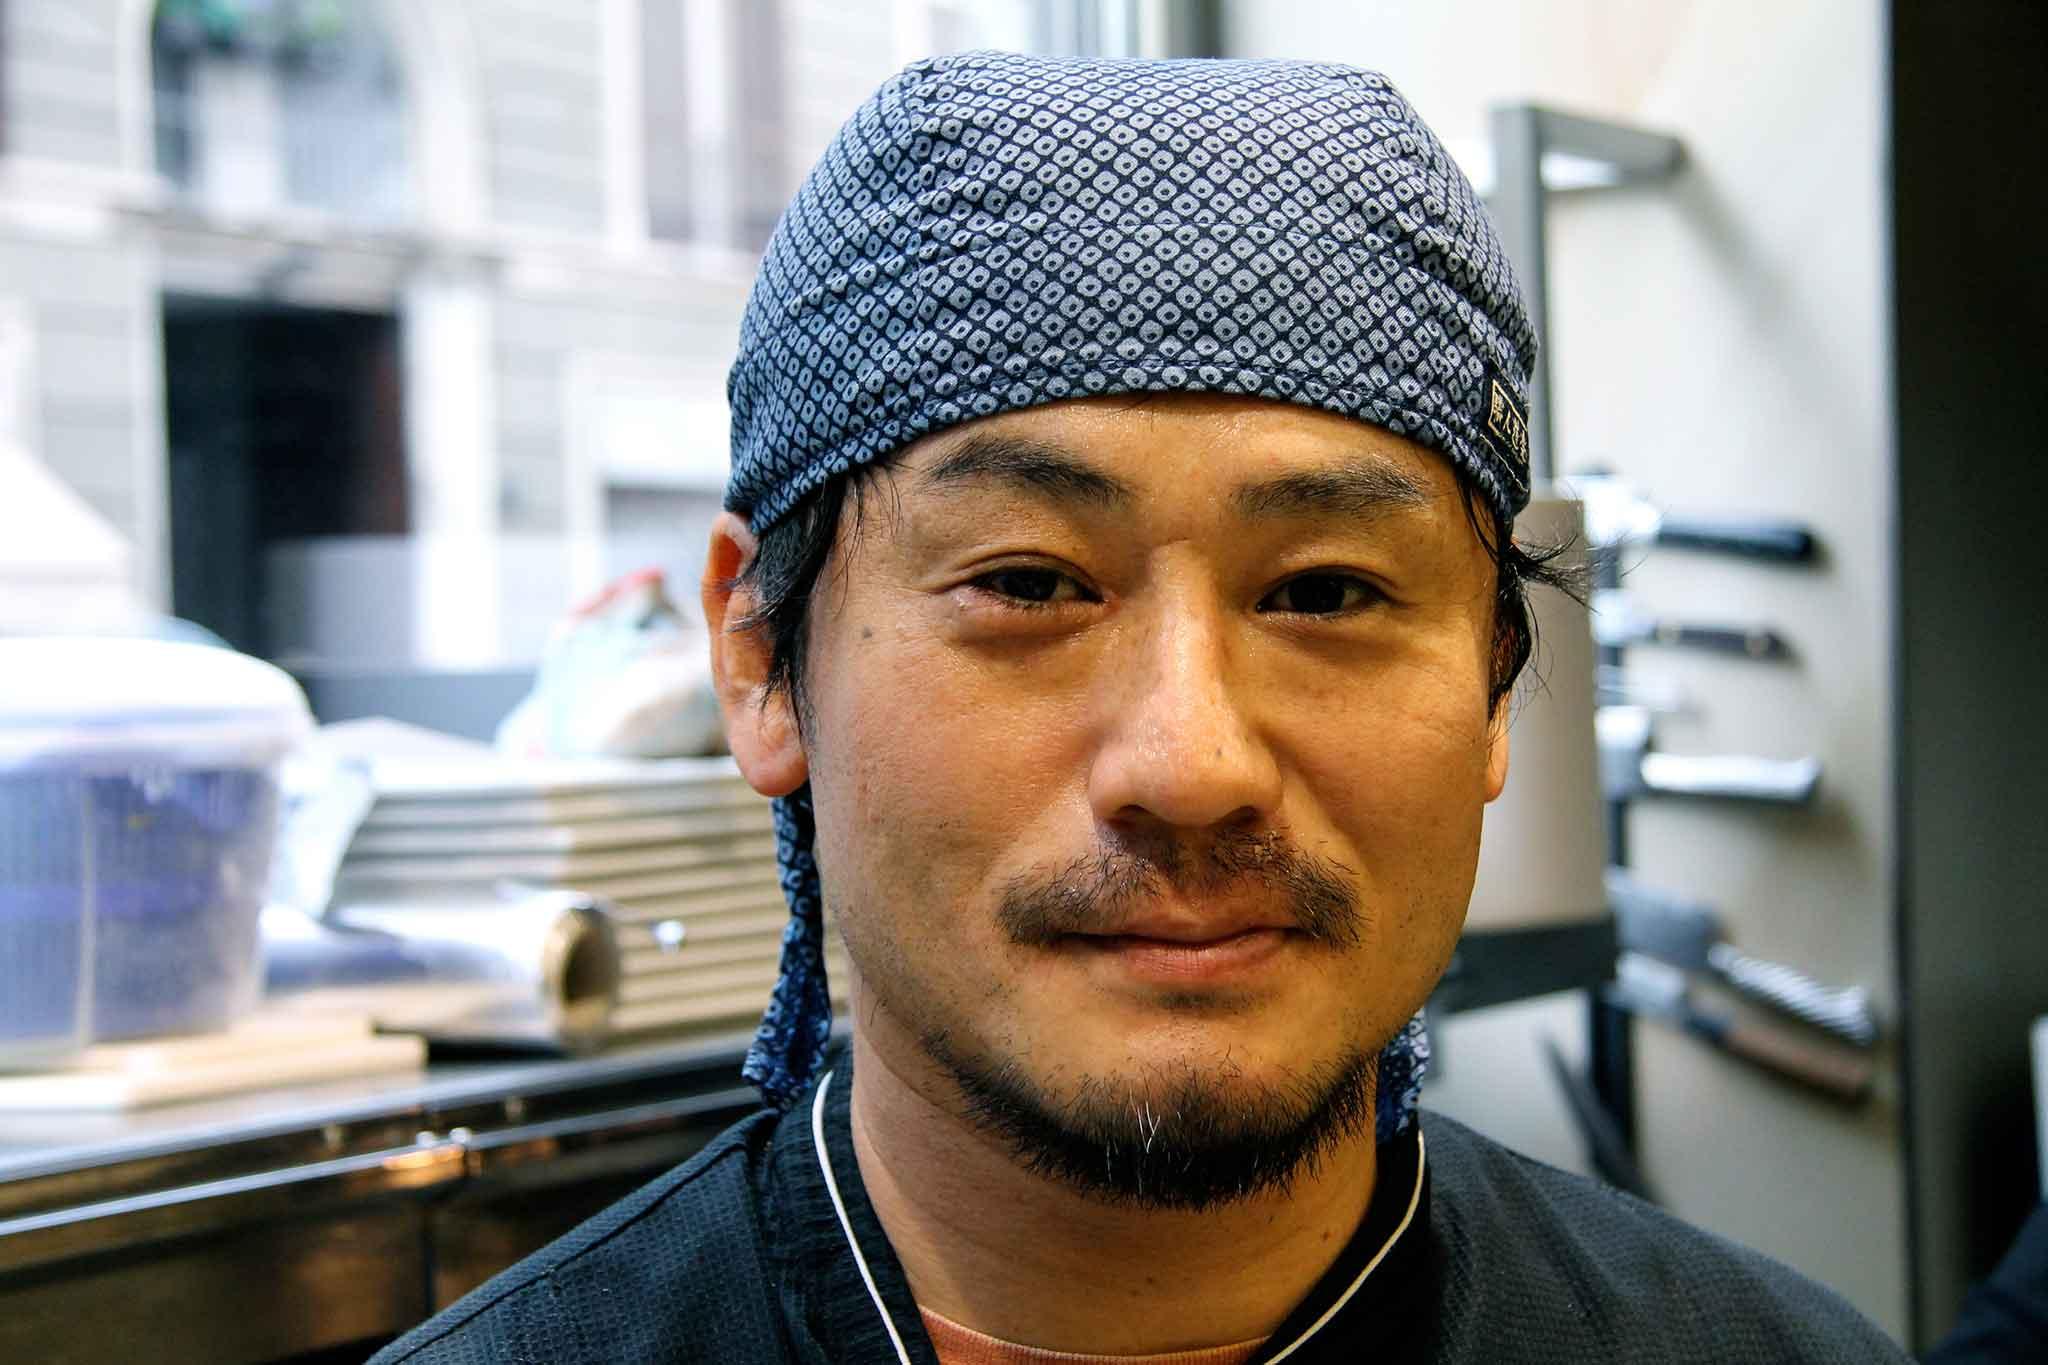 milano gong chef Keisuke Koga